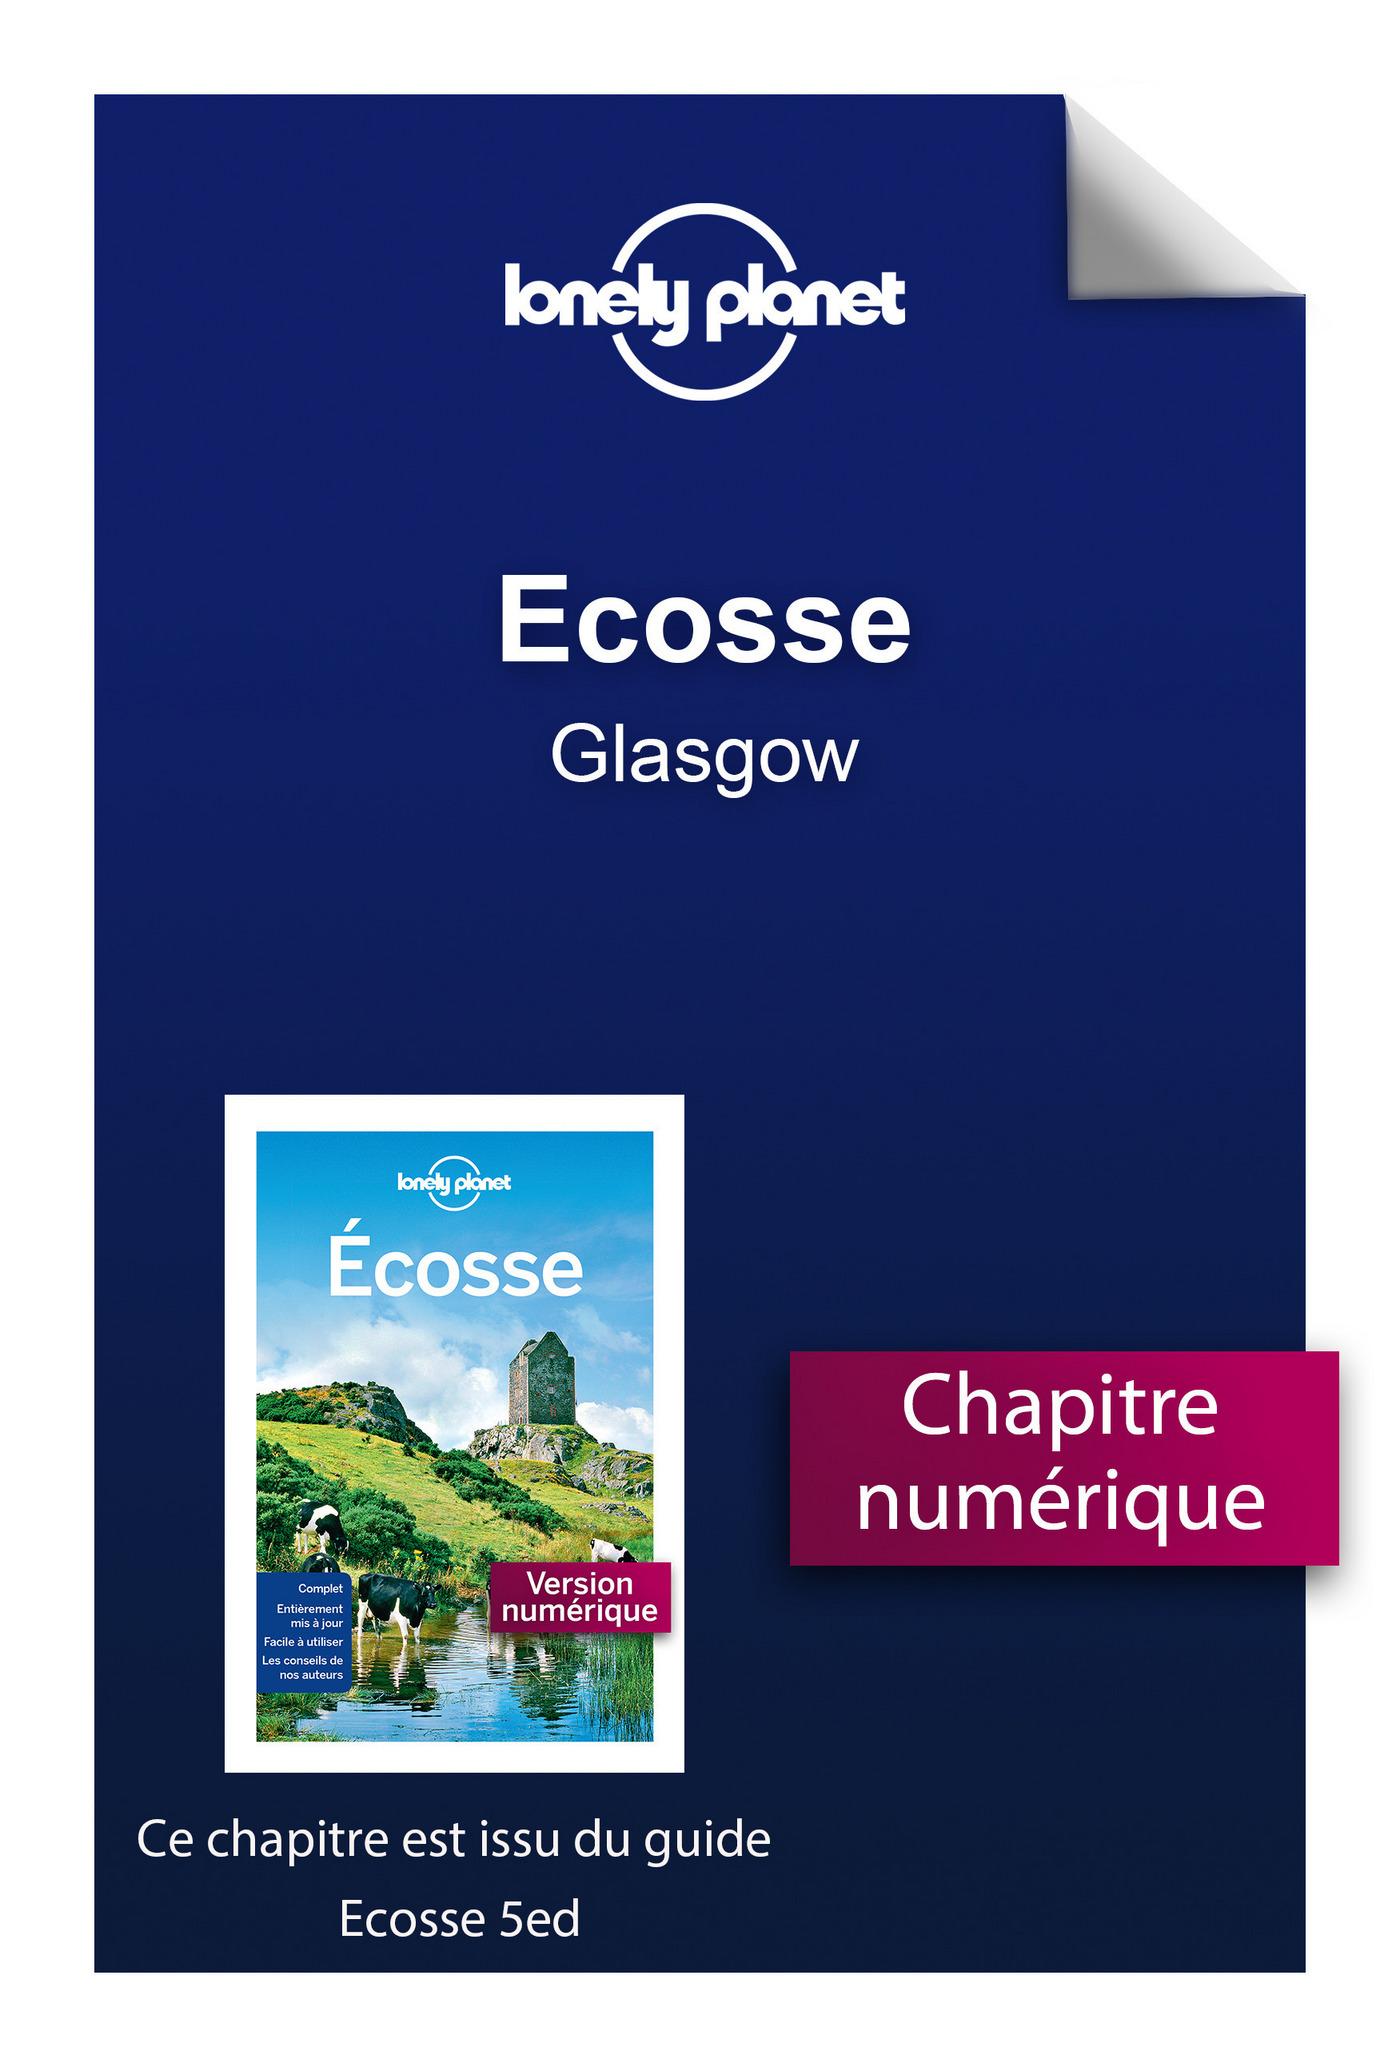 Ecosse 5 - Glasgow